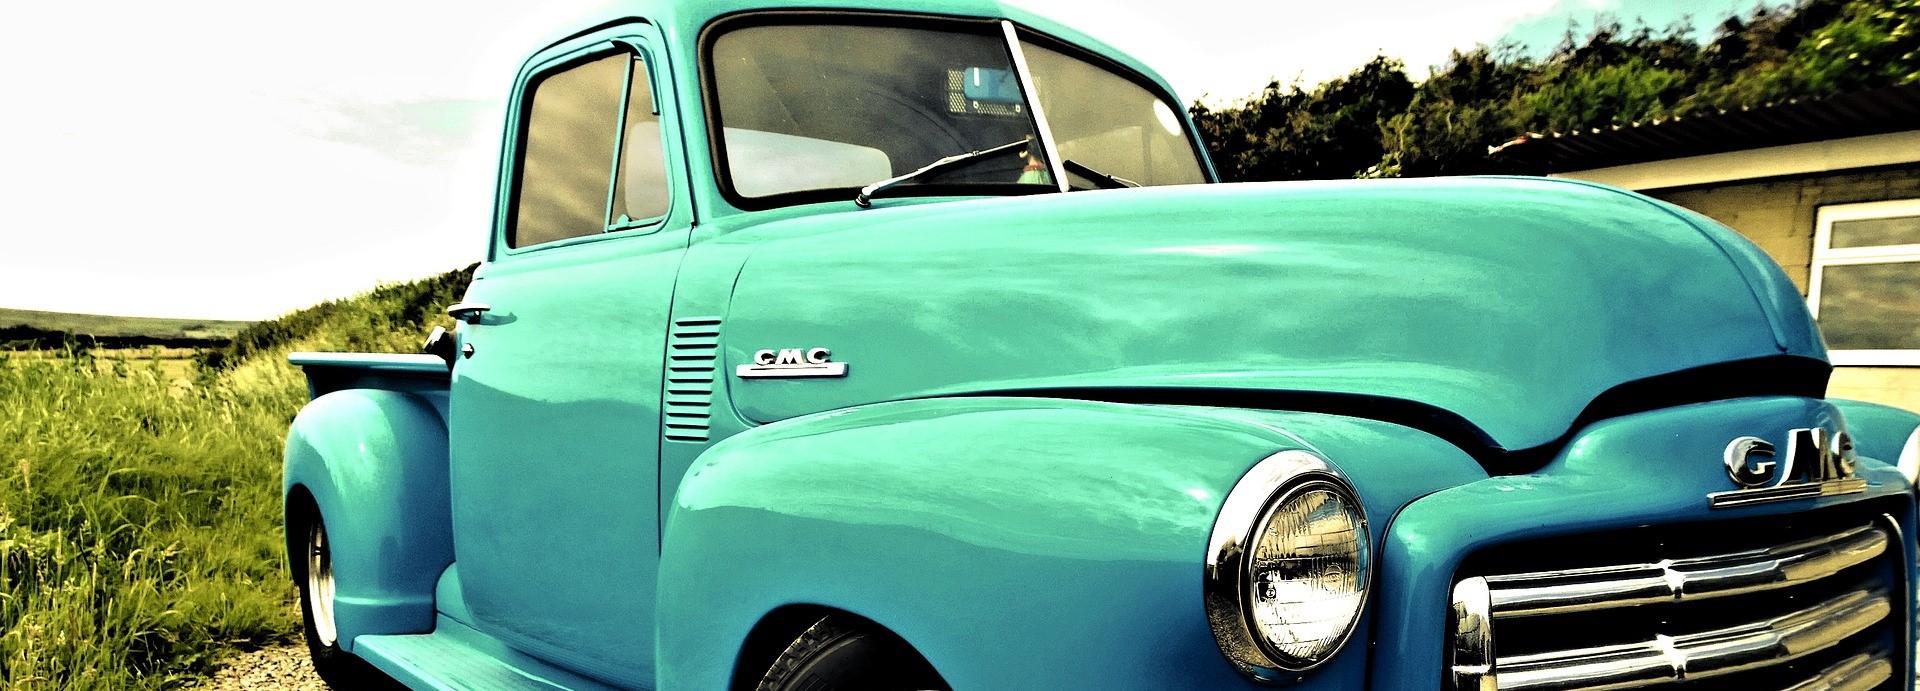 Oldtimer Truck in San Gabriel, California | Breast Cancer Car Donations